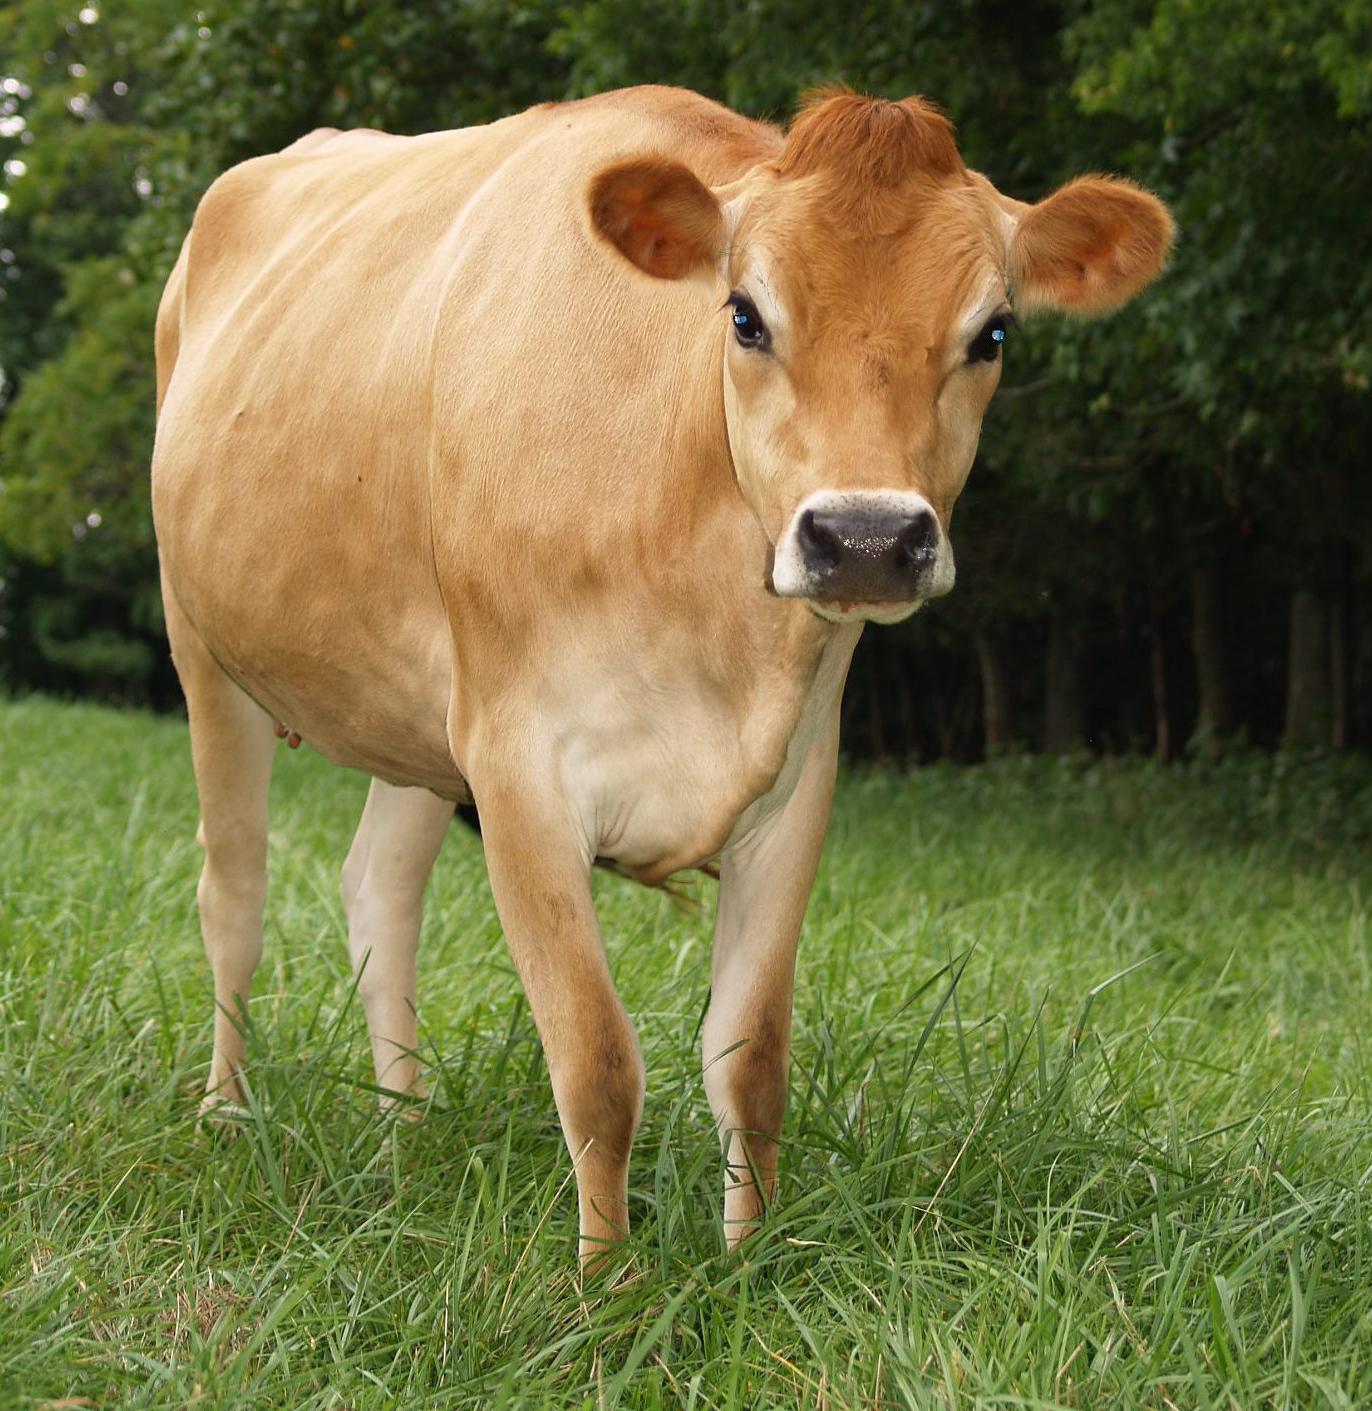 knb jersey farm raw milk tennessee